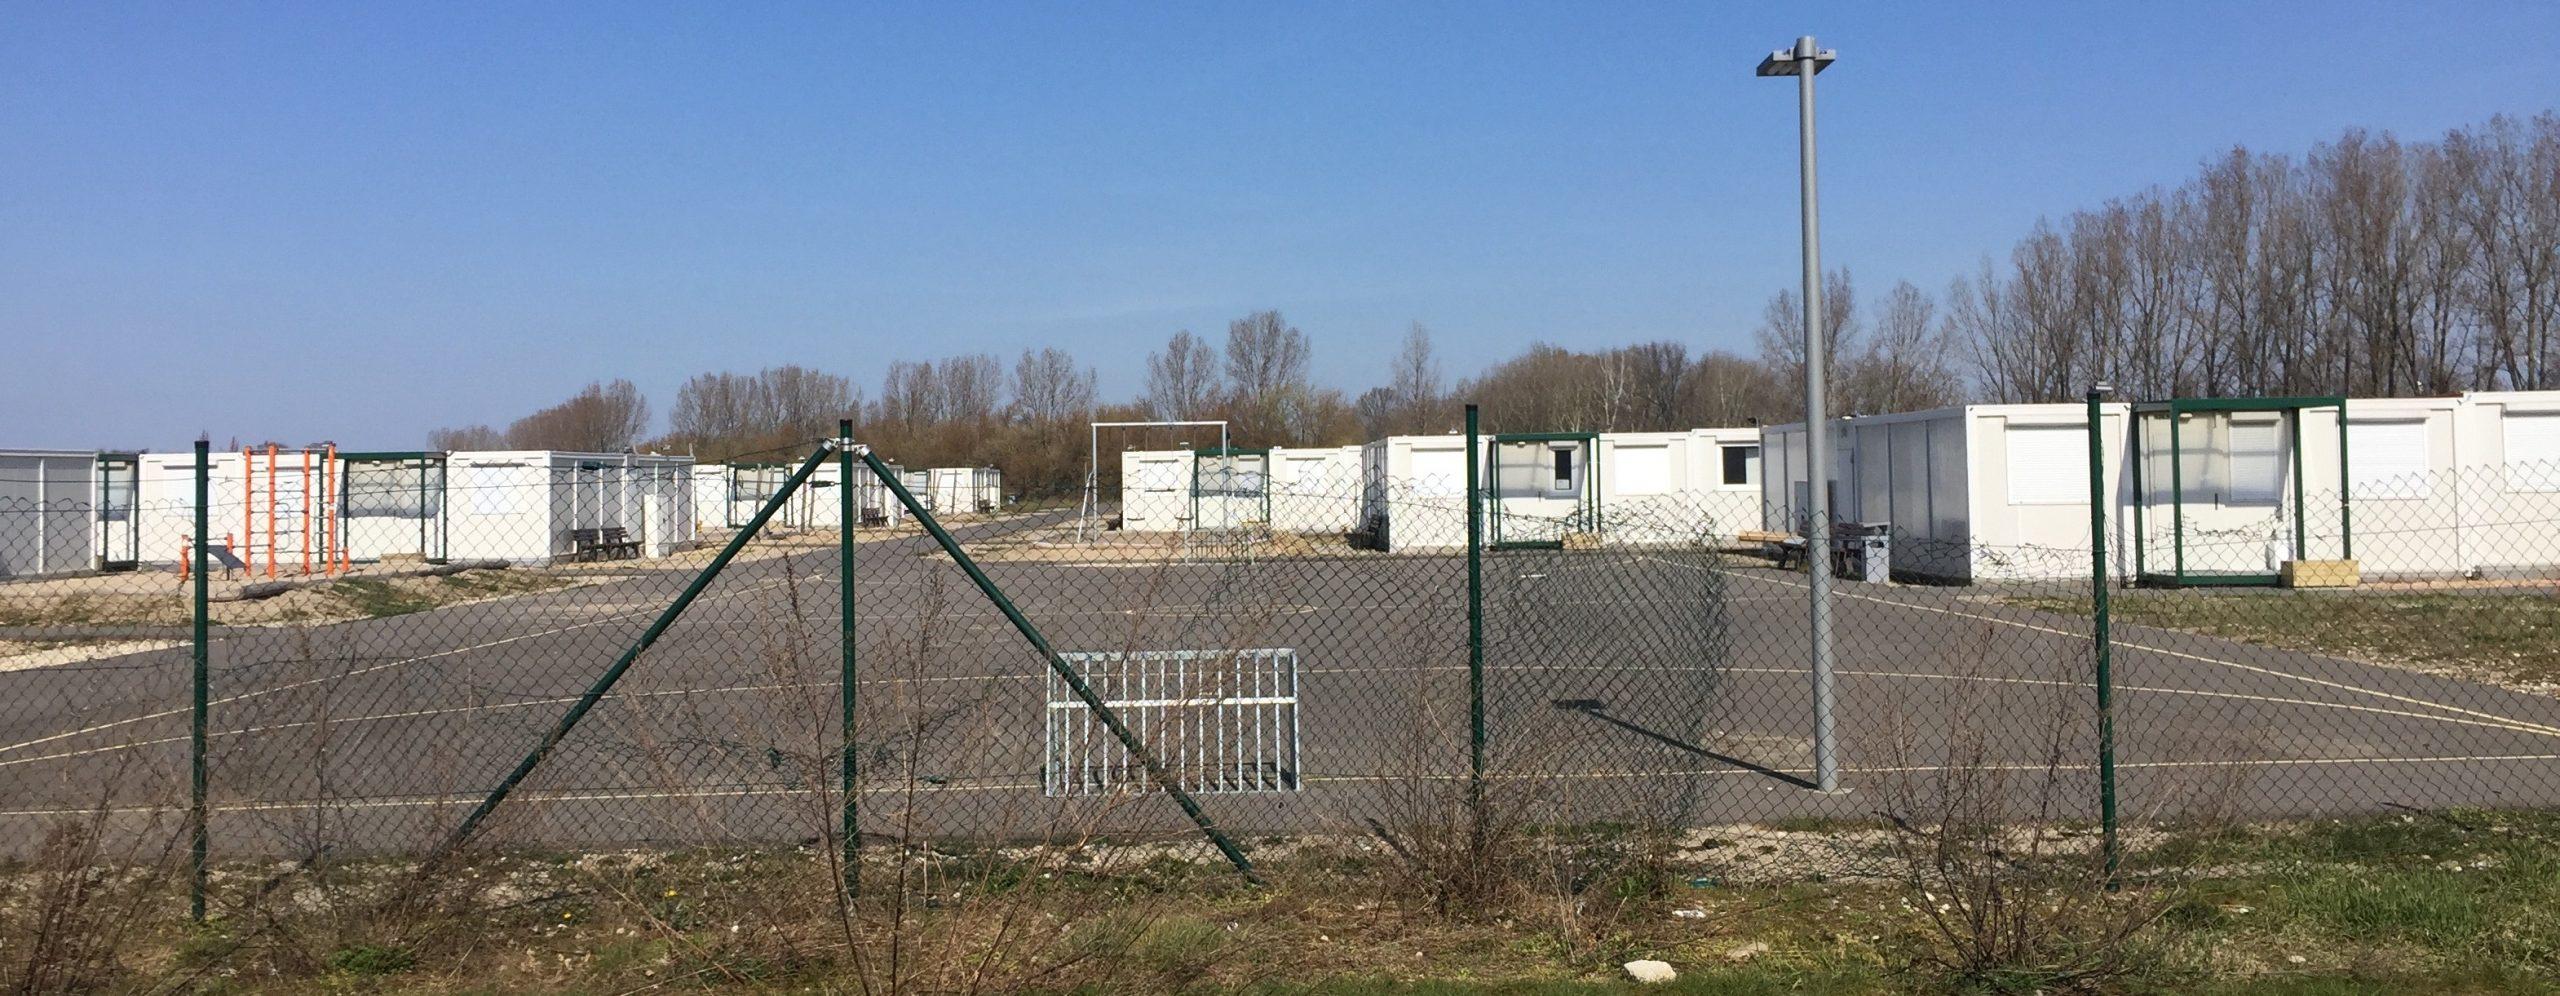 Kein Covid-19-Hotspot in Französisch-Buchholz (Video)